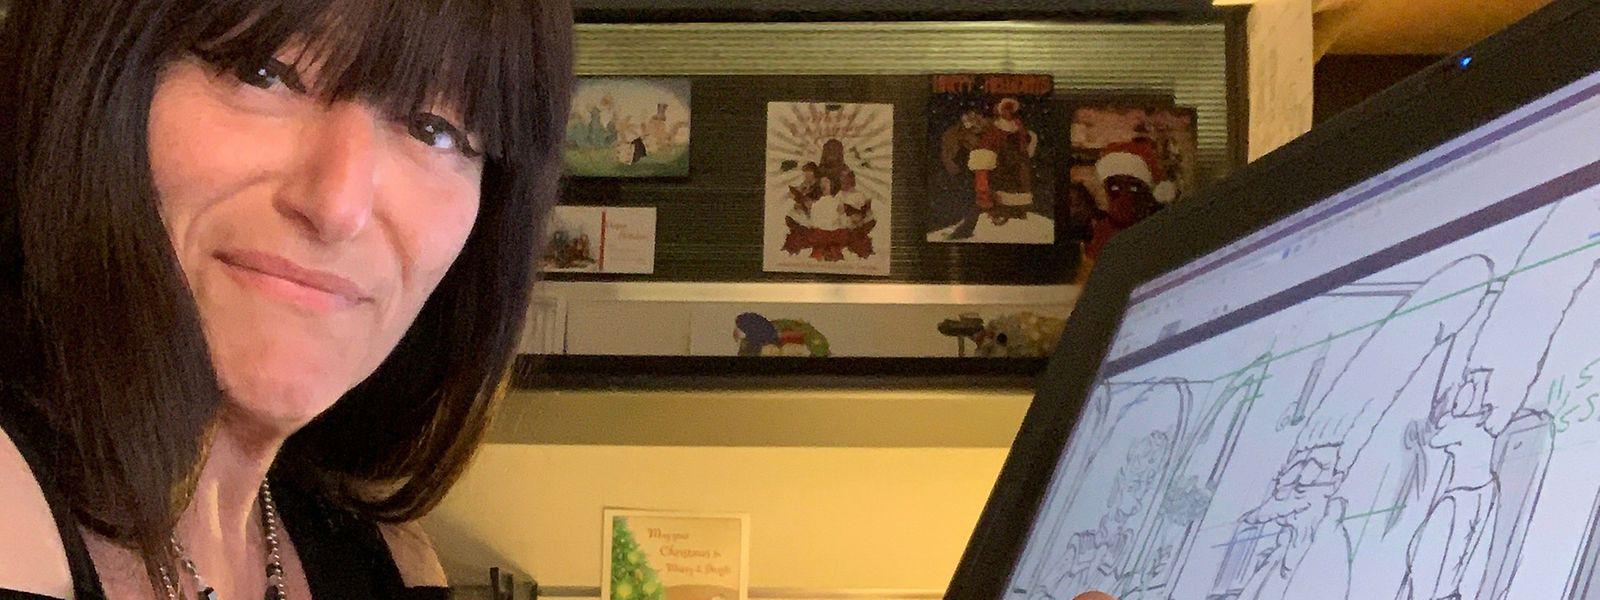 Die Animatorin Tanja Majerus bei der Arbeit zur diesjährigen Halloween-Folge der Simpsons.